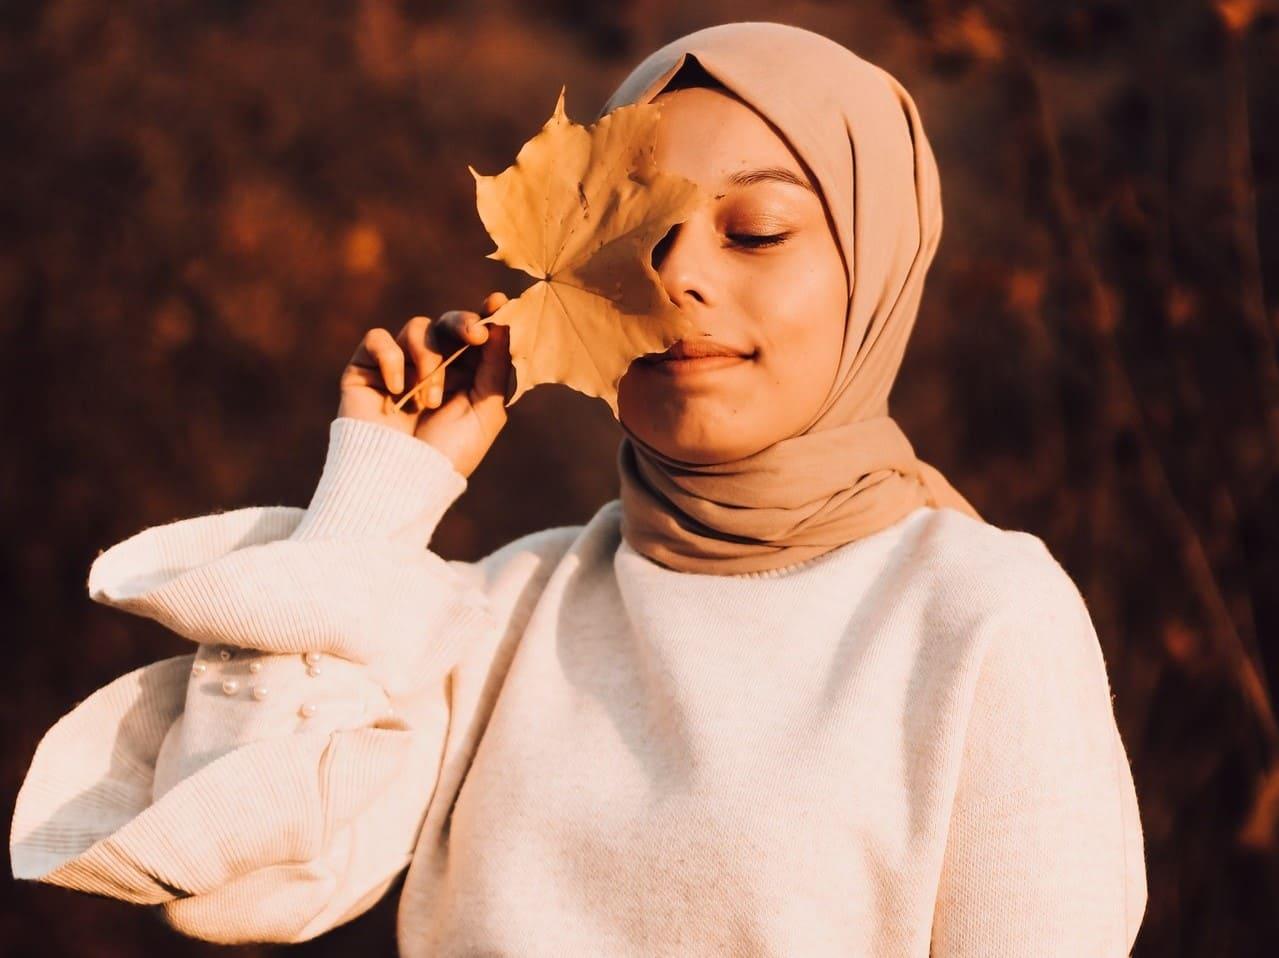 Titelbild: Frau ist draußen aktiv gegen Herbstblues